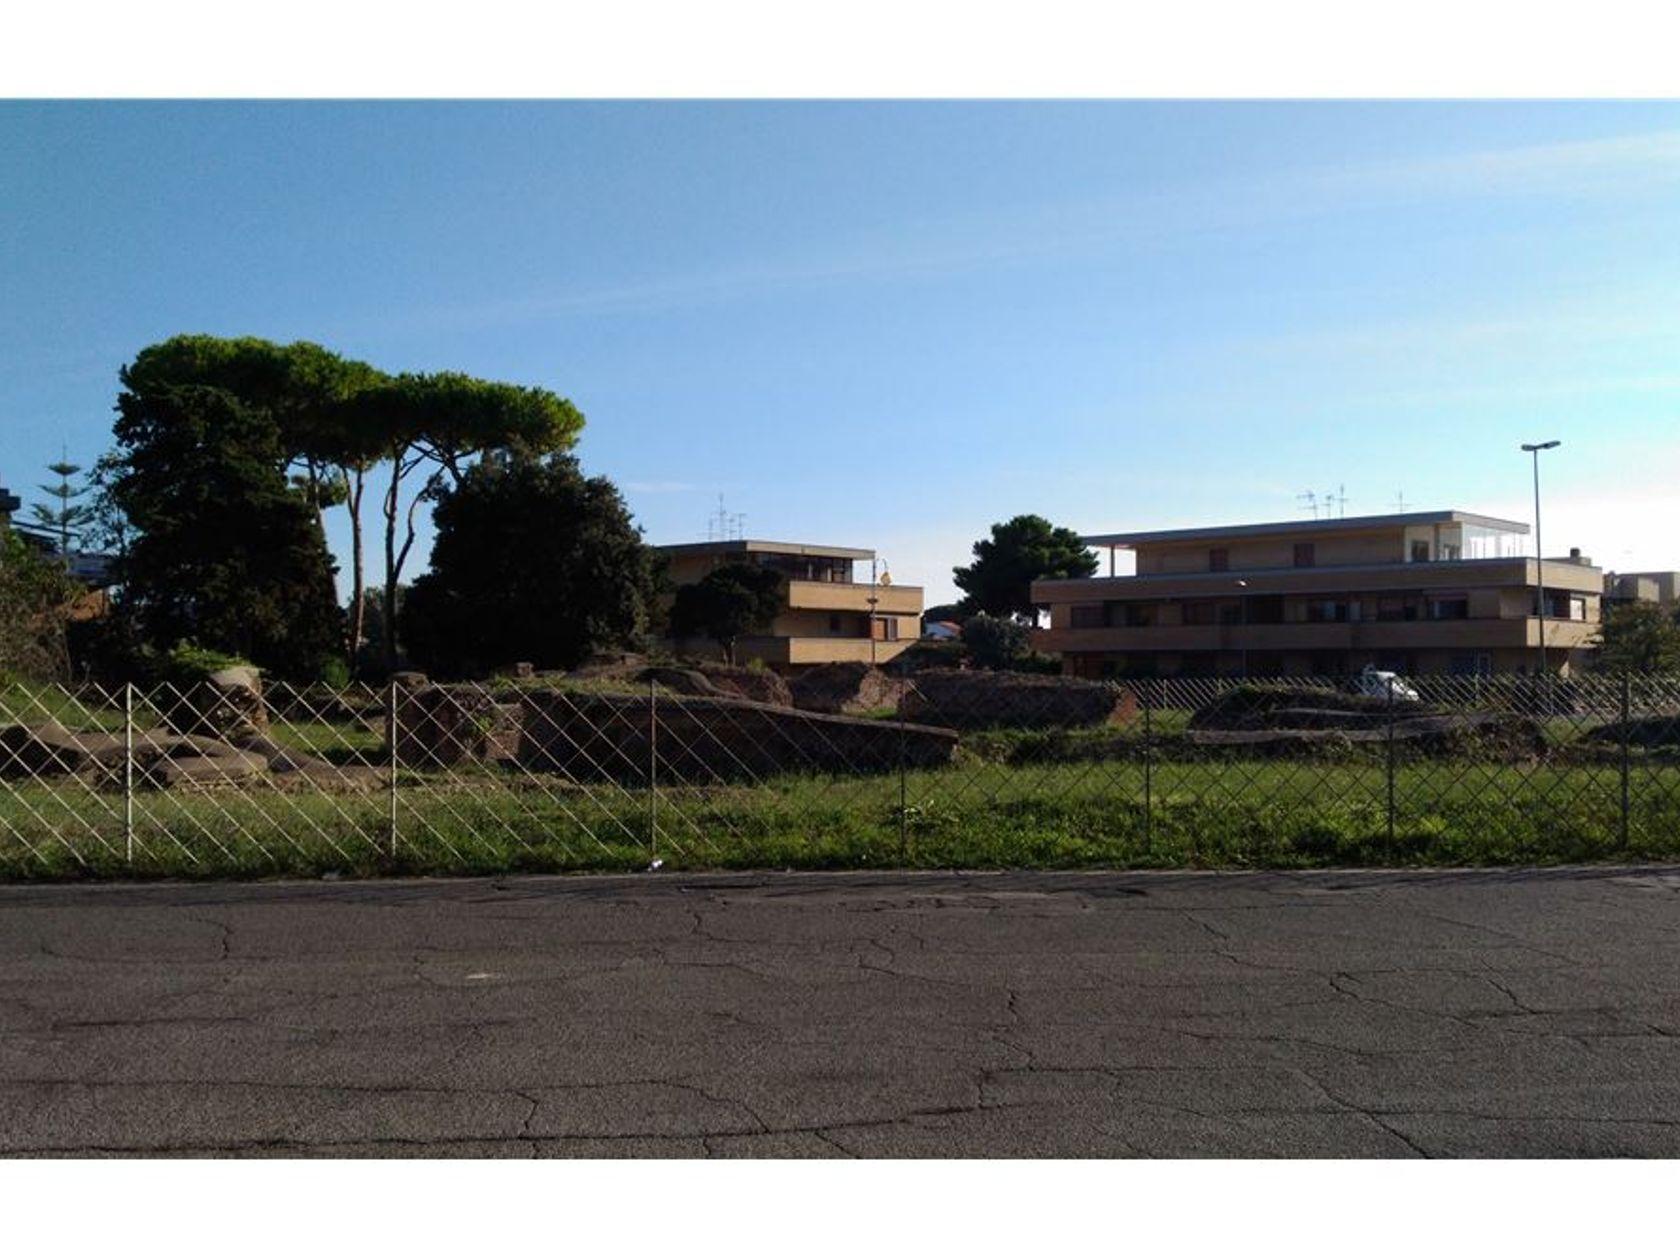 Attico/Mansarda Anzio-santa Teresa, Anzio, RM Vendita - Foto 8